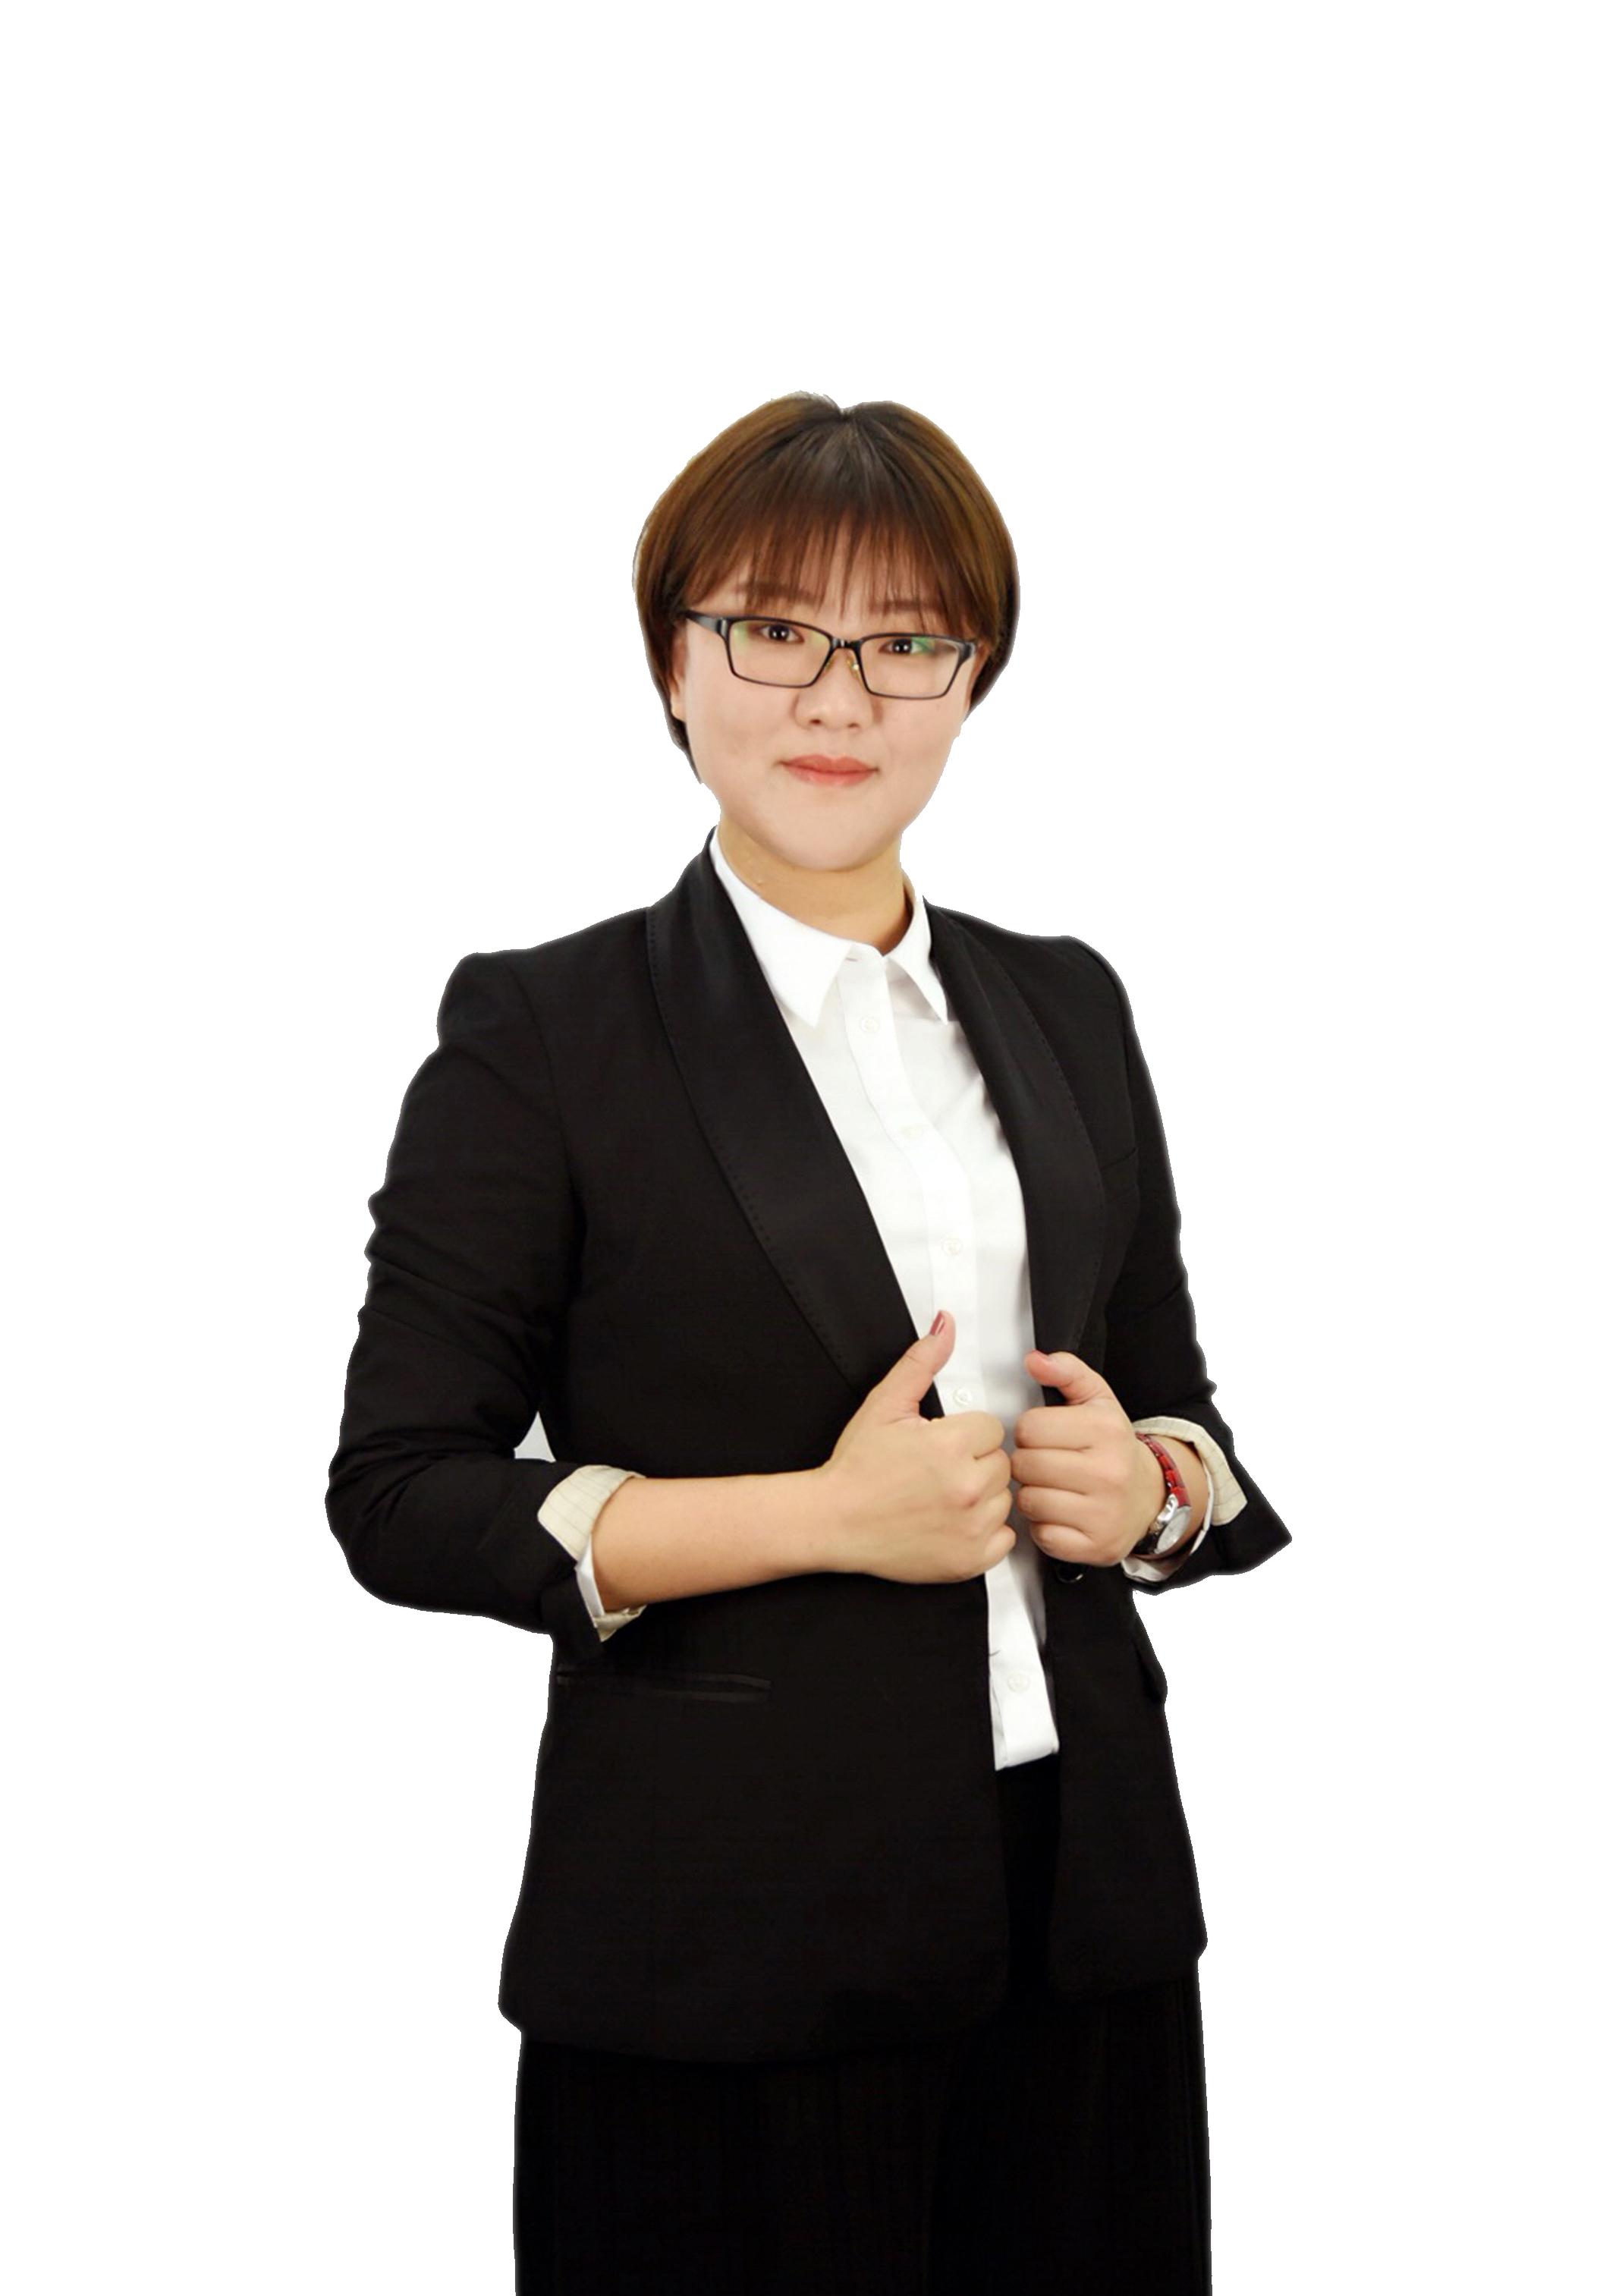 郭娅  (Agnes Kwok)